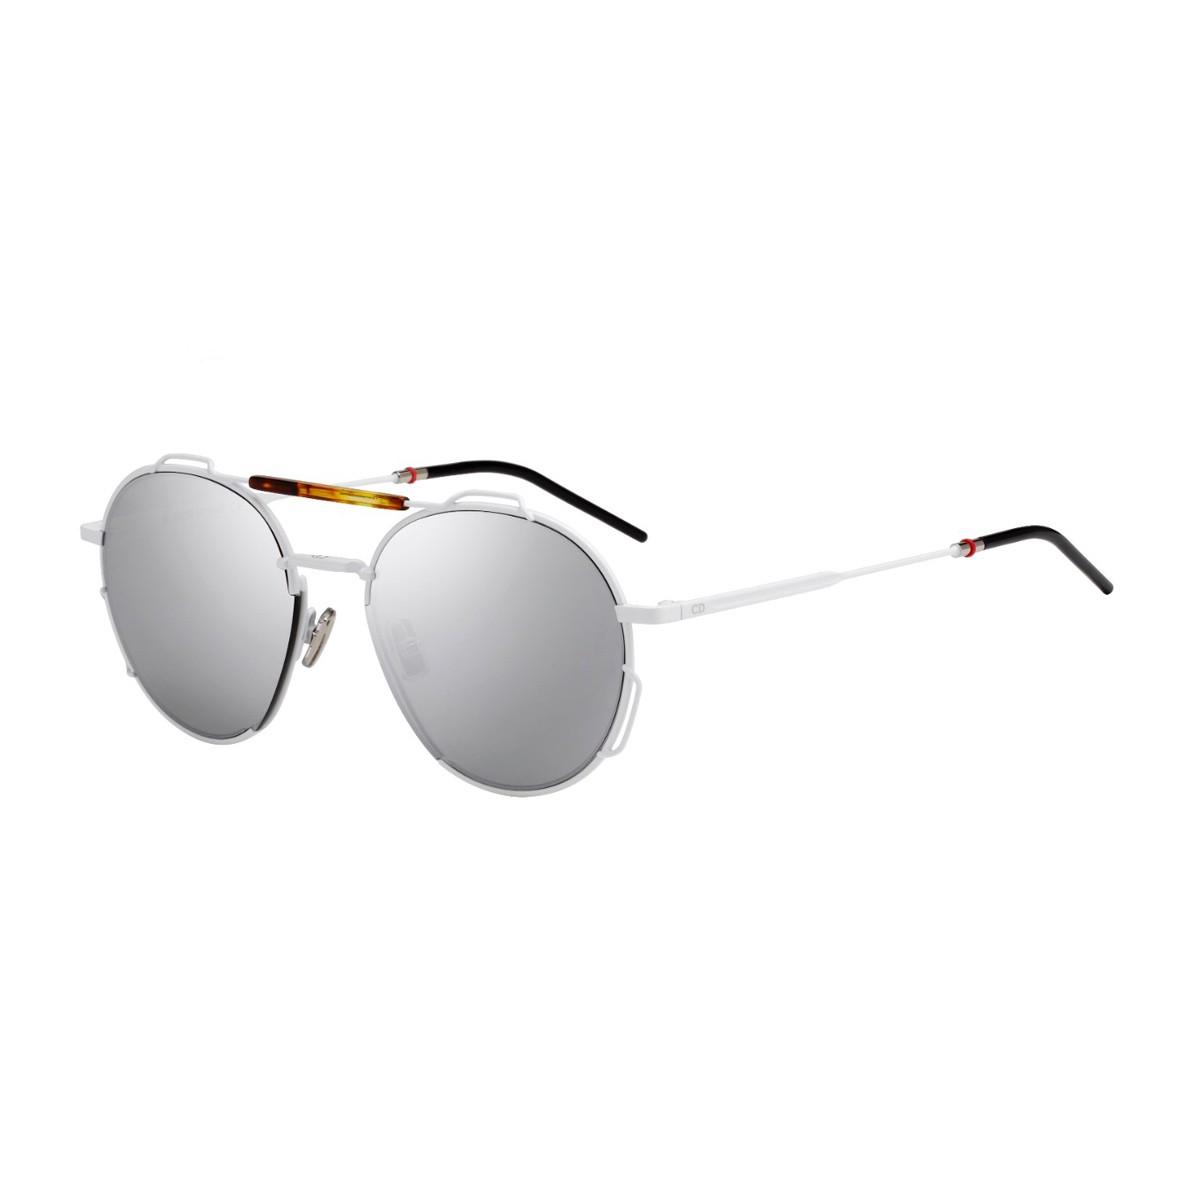 Dior 0234 S | Occhiali da sole Uomo